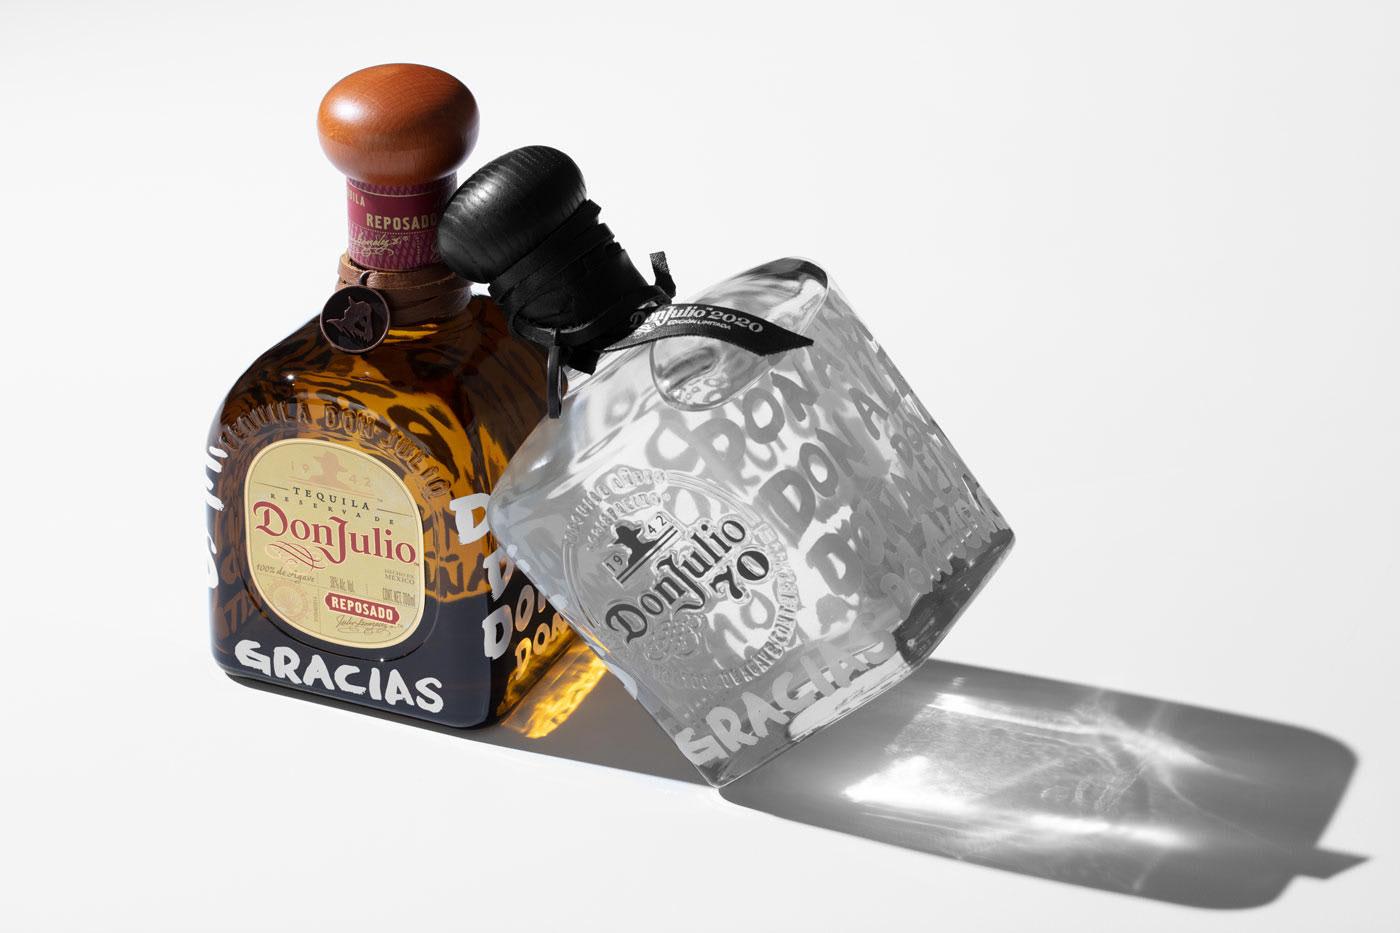 限量版龙舌兰酒包装设计—Tequila Don Julio